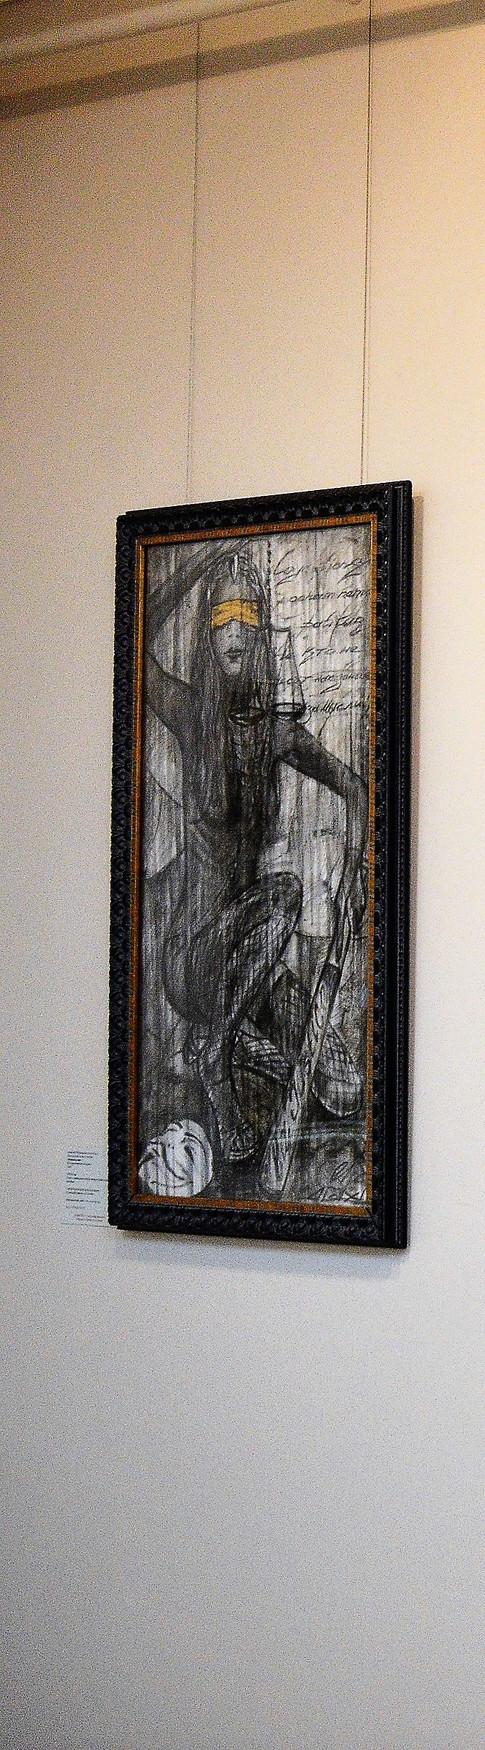 на выставке в государственной галерее